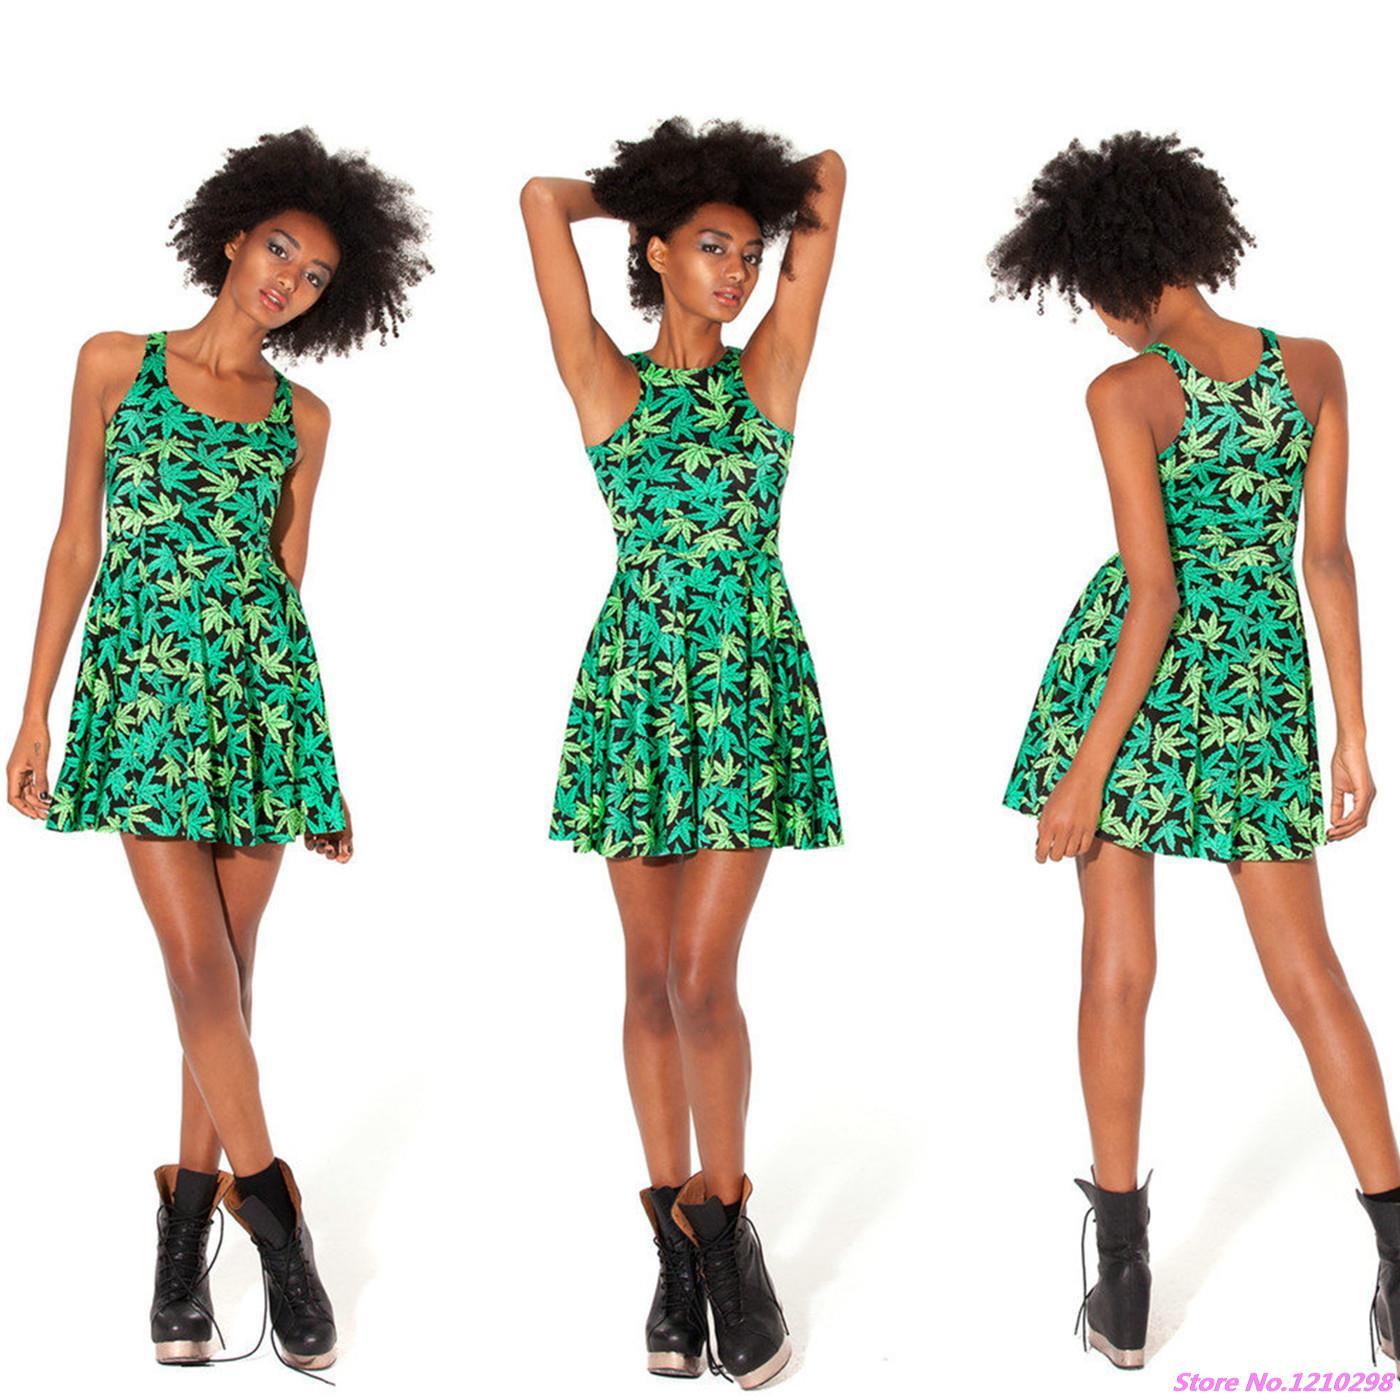 Online Get Cheap Tennis Dresses for Girls -Aliexpress.com ...